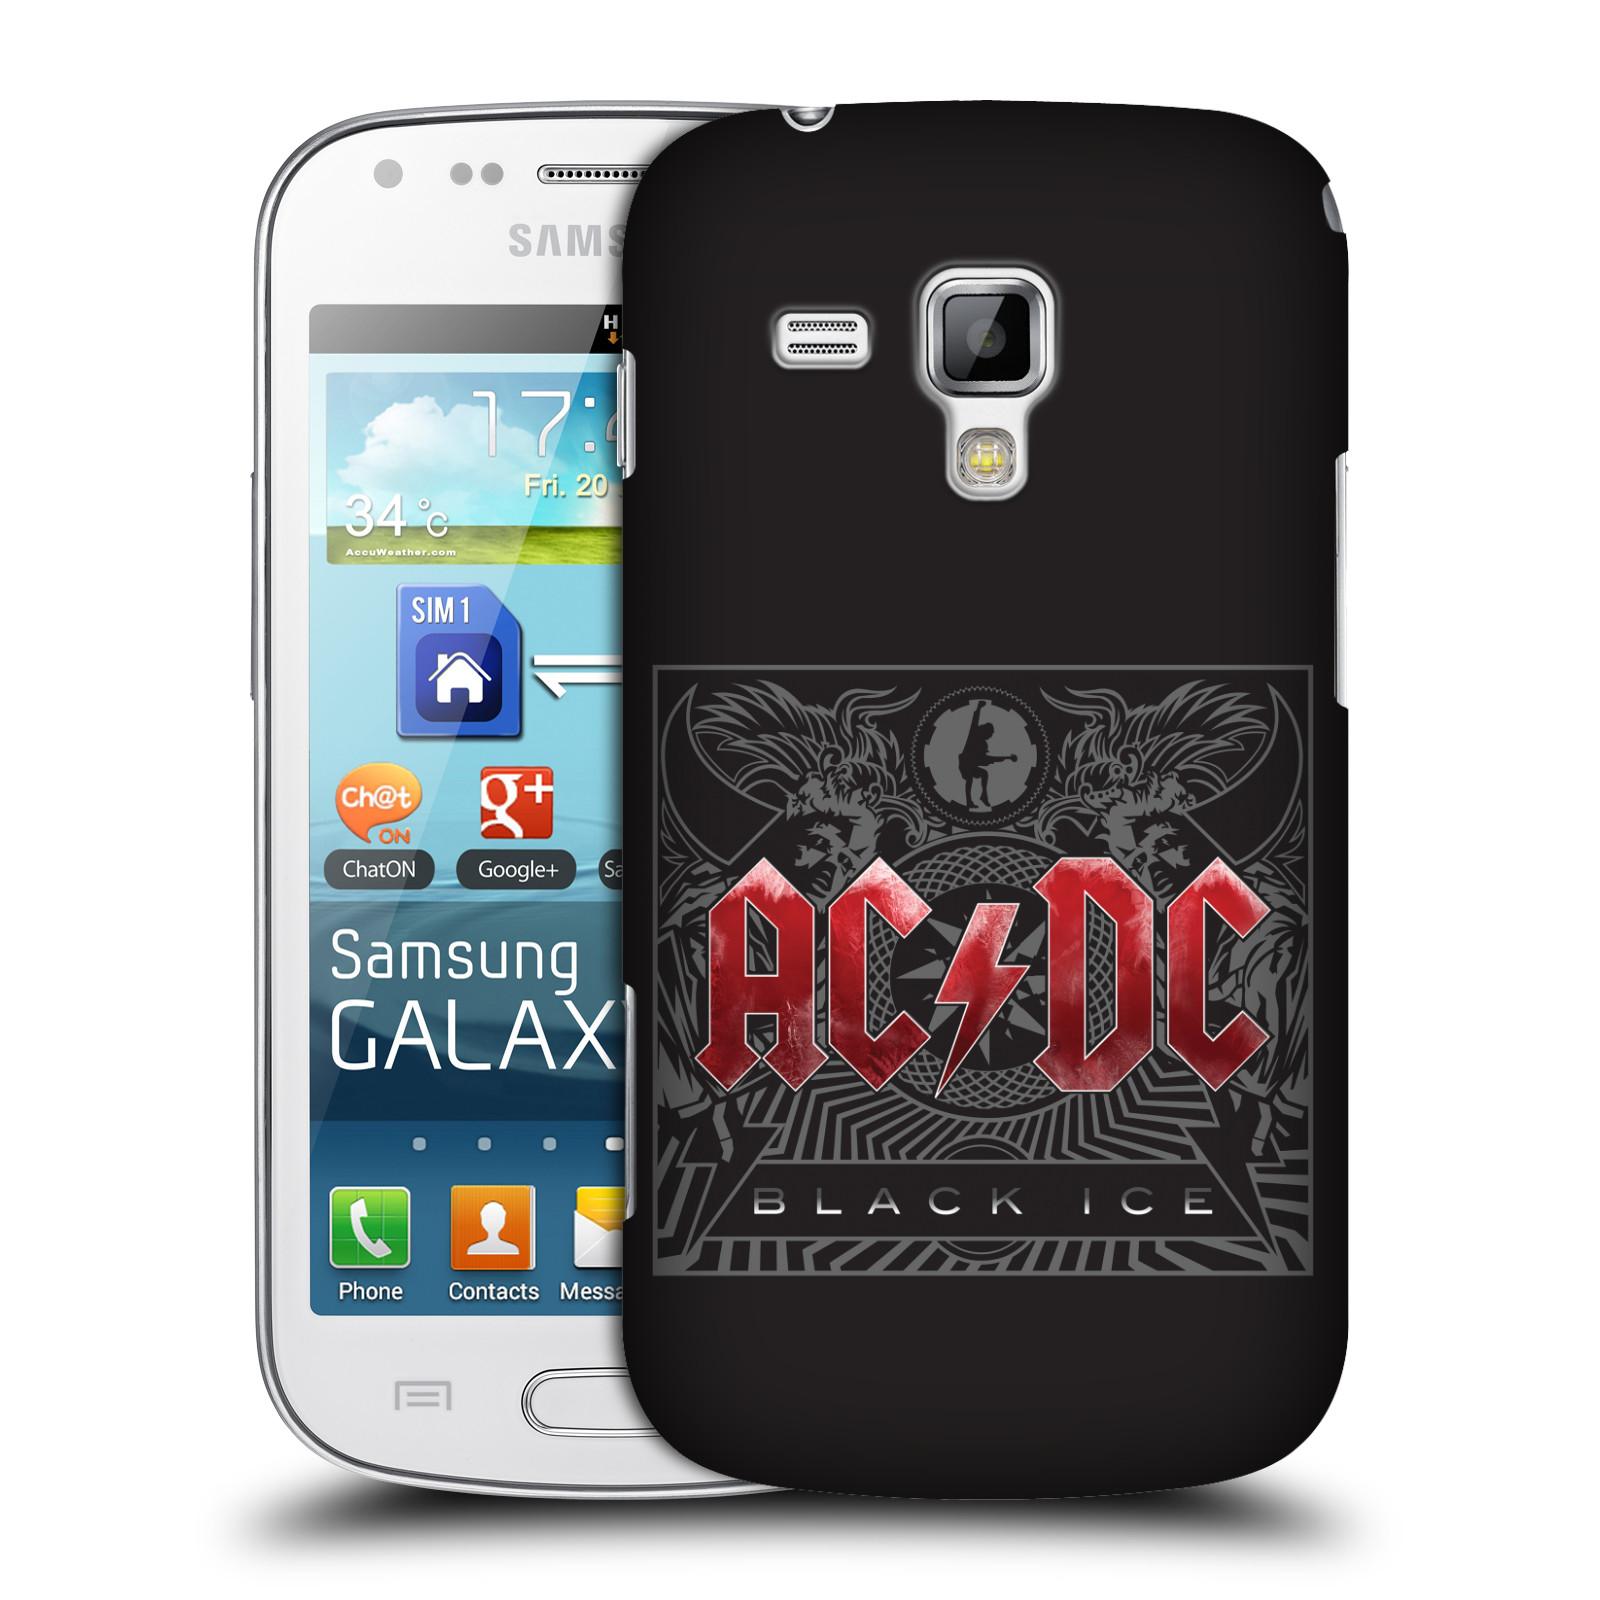 Plastové pouzdro na mobil Samsung Galaxy S Duos HEAD CASE AC/DC Black Ice (Plastový kryt či obal na mobilní telefon s oficiálním motivem australské skupiny AC/DC pro Samsung Galaxy S Duos GT-S7562)